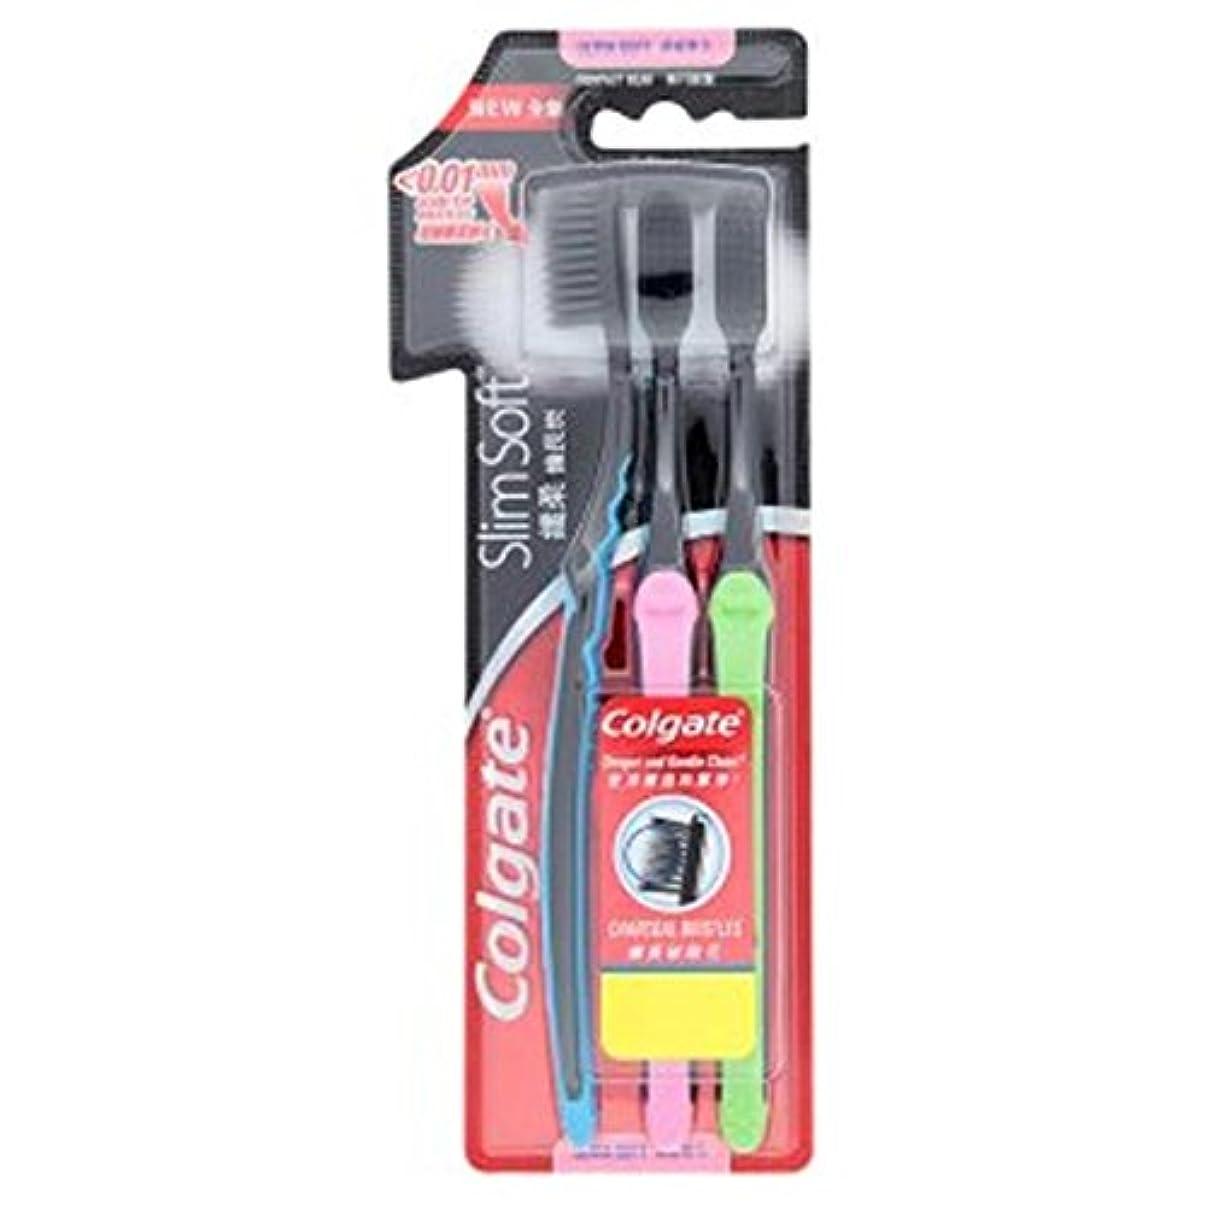 シード無実羽Colgate Slimsoftコンパクトヘッドウルトラソフトチャコール剛毛歯ブラシ。